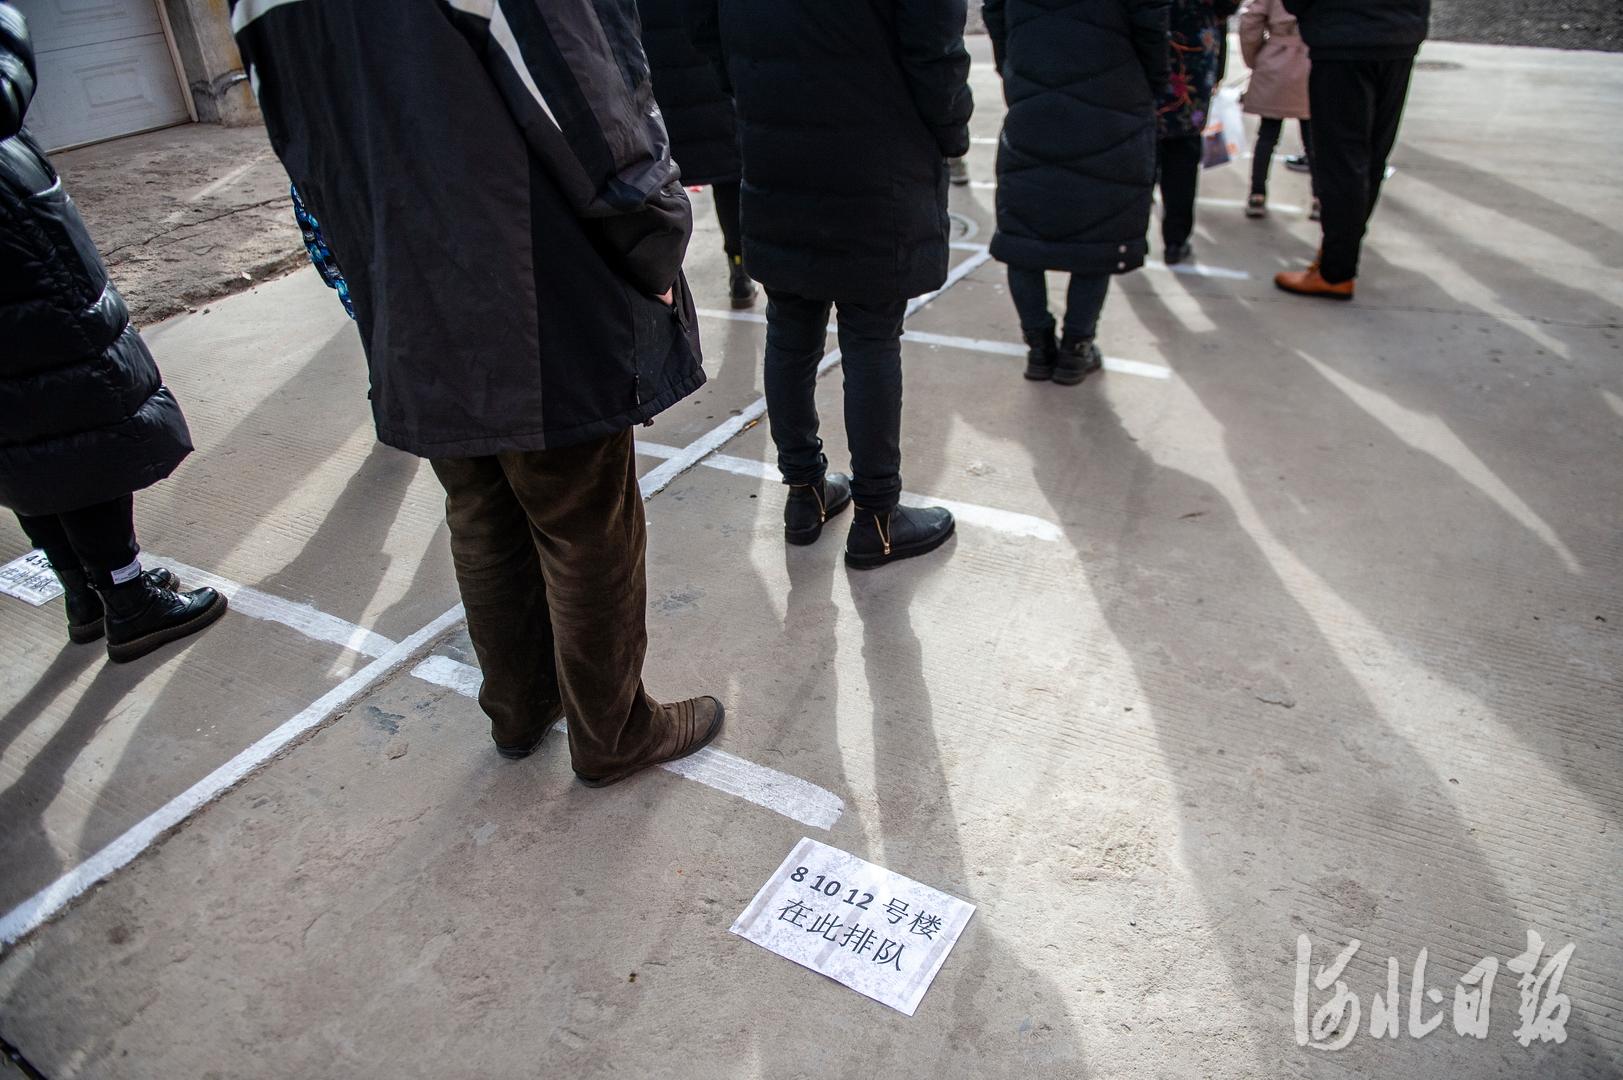 2021年1月12日,河北省石家庄市西古城社区,居民在社区工作人员和志愿者的引导下,排队等待接受第二次核酸检测采样。河北日报记者田明摄